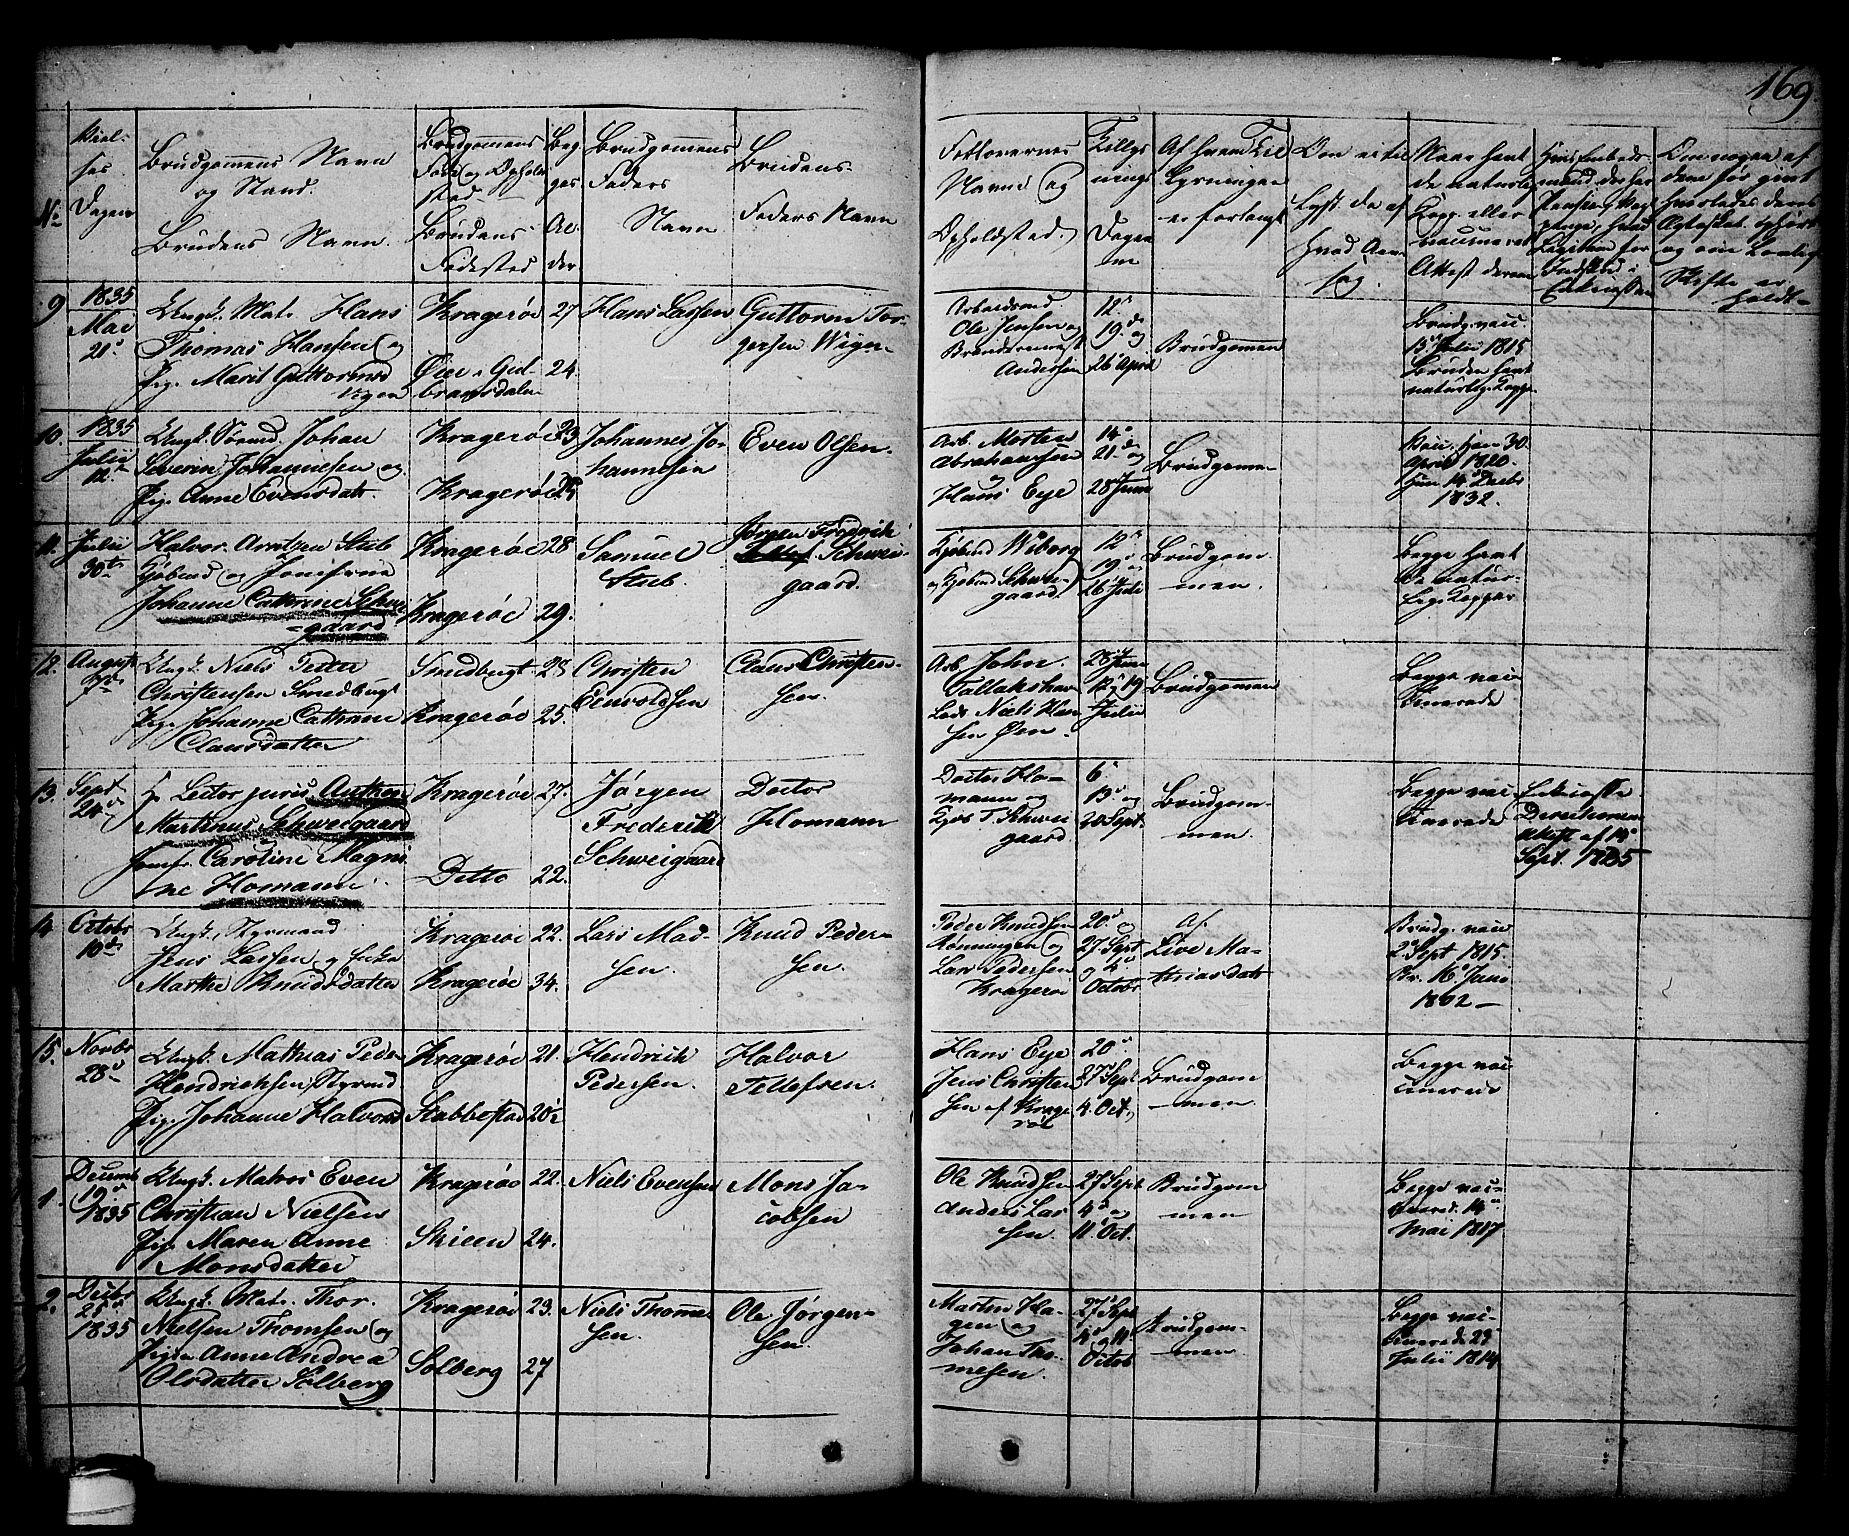 SAKO, Kragerø kirkebøker, G/Ga/L0003: Klokkerbok nr. 3, 1832-1852, s. 169